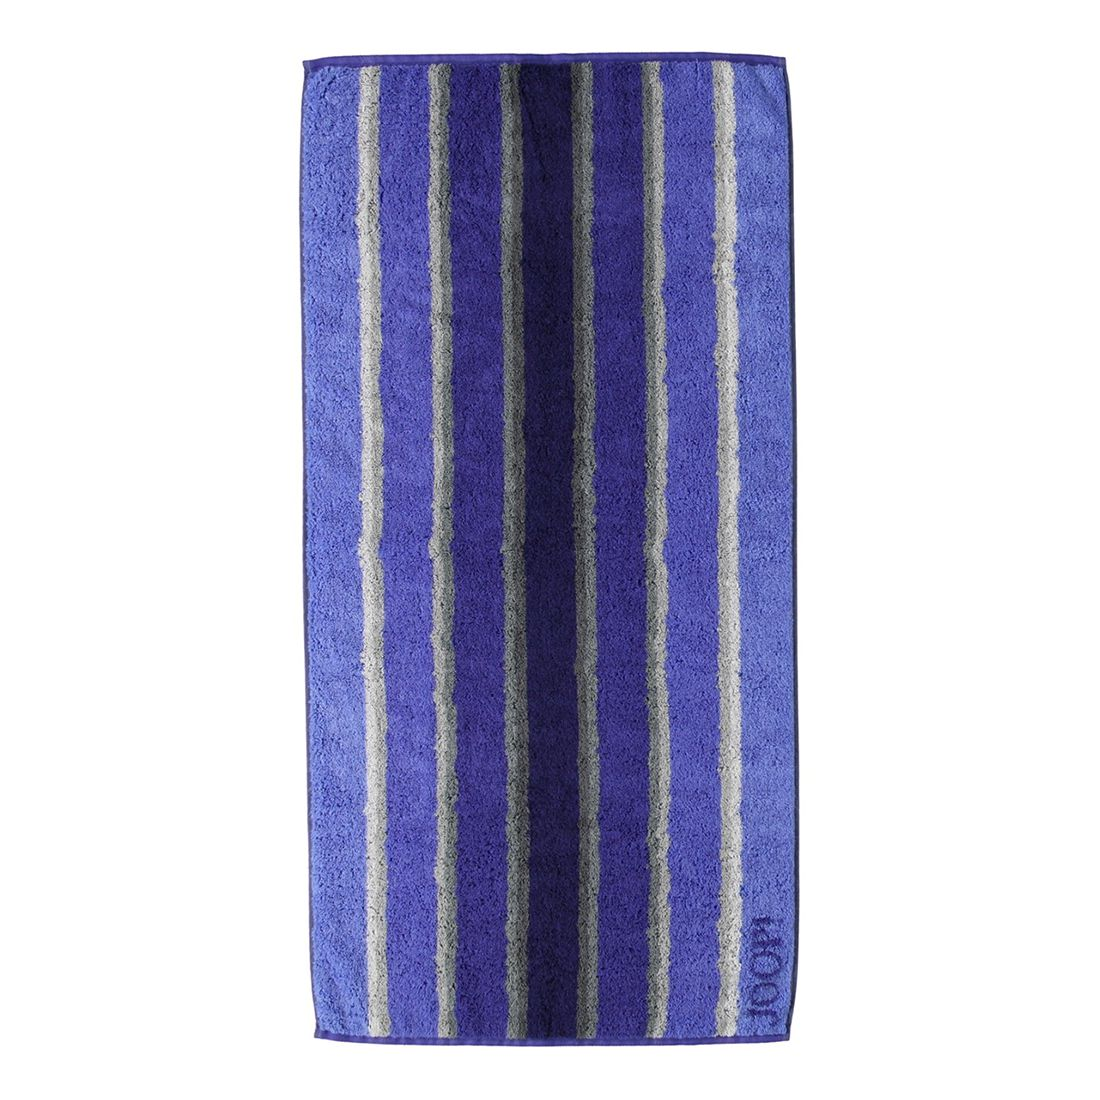 Handtuch Colour Code Stripes – 100% Baumwolle StahlBlau – 11 – Handtuch: 50 x 100 cm, Joop jetzt kaufen